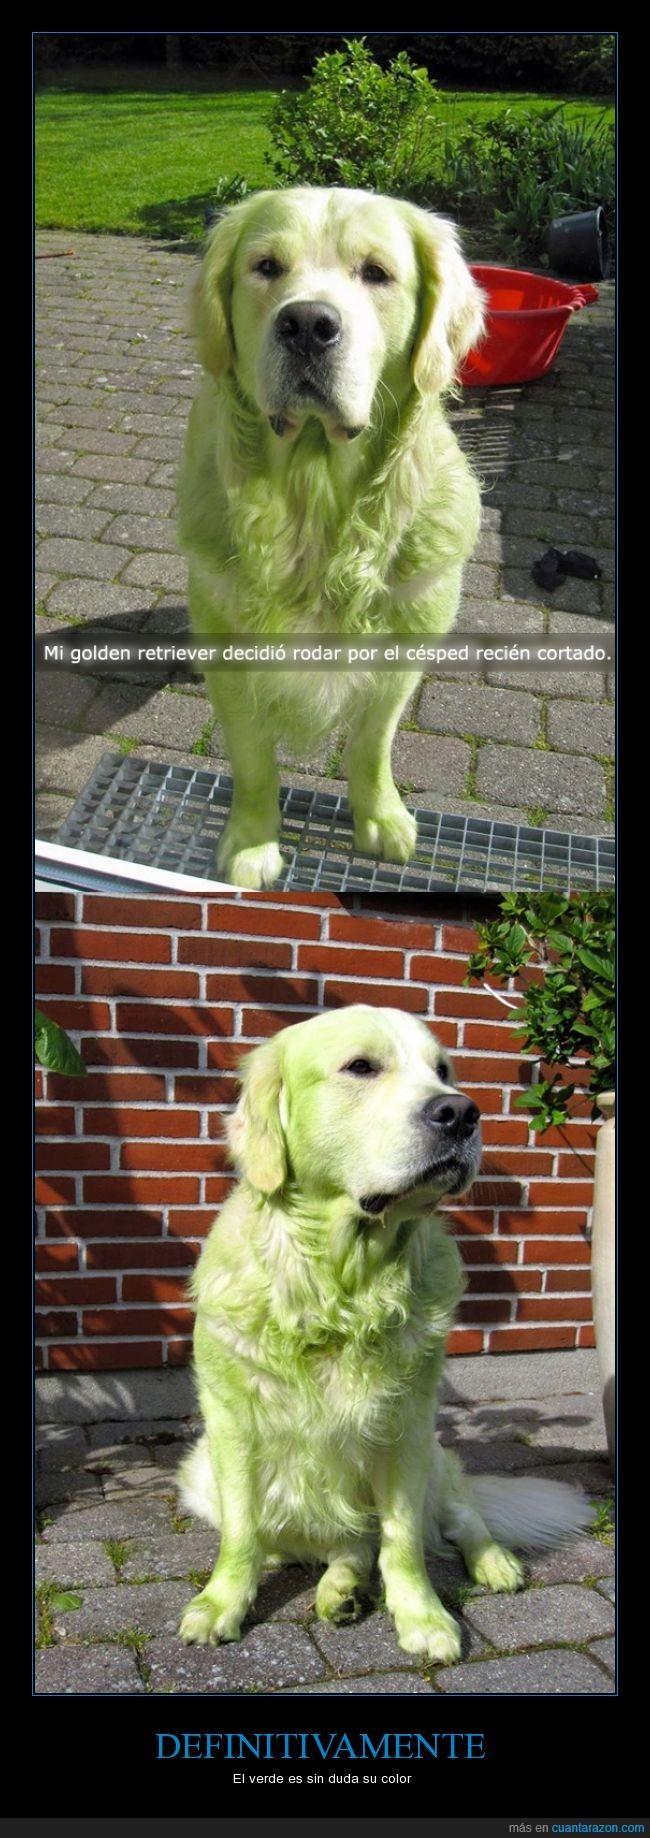 cesped,color,cortado,mancha,manchar,perro,recien,verde